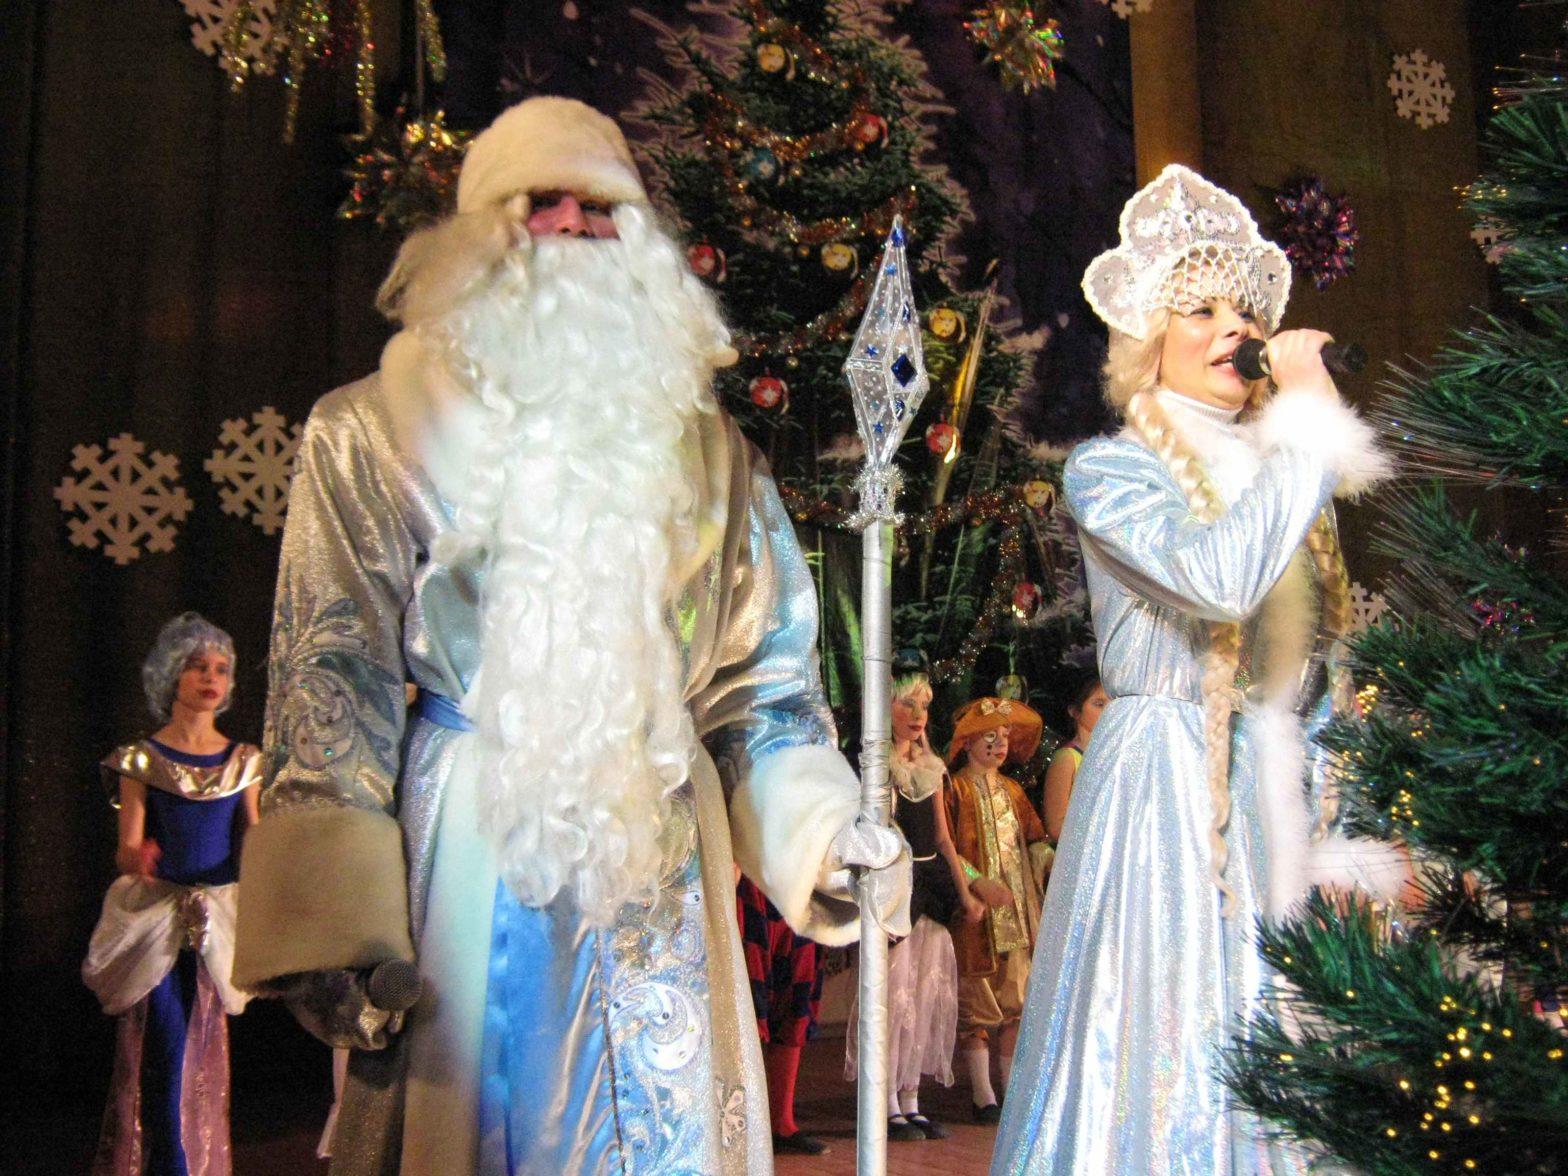 Благотворительный фонд приглашает на благотворительные спектакли, посвященные празднованию Нового года и Рождества